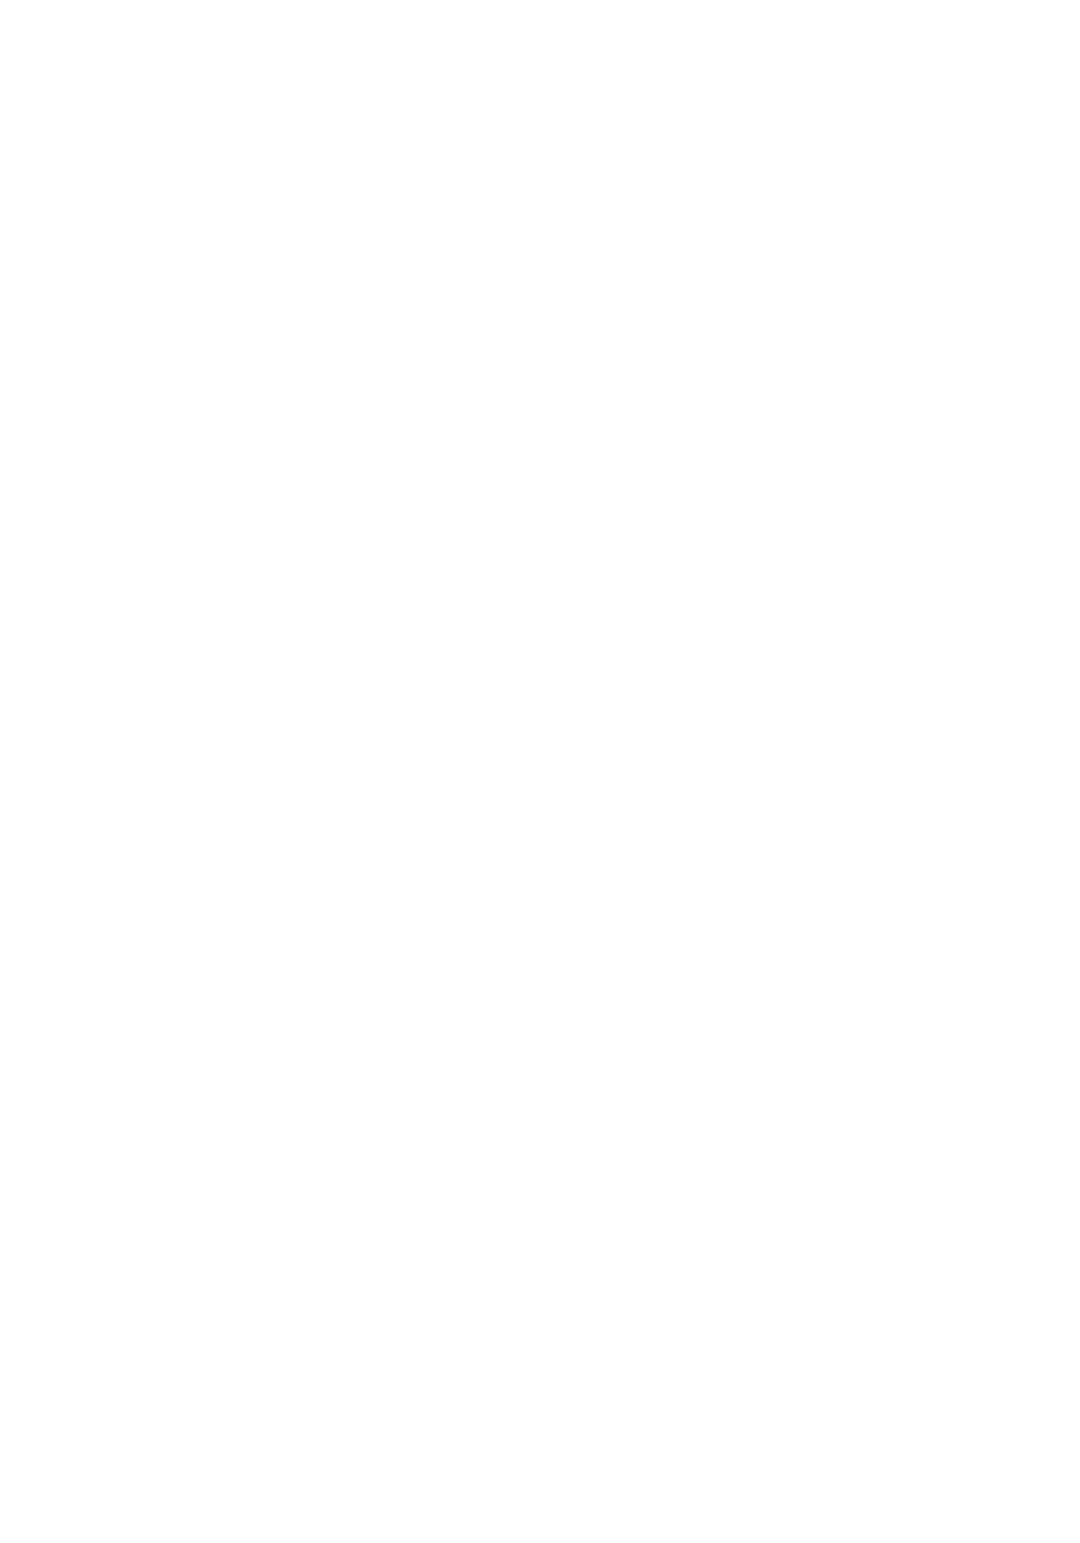 【エロ同人誌】金に釣られて変態男たちに捕まり、無理やり襲われたナミ。拘束されたままおっぱいや膣内を弄られて感じてしまい、連続中出し集団輪姦レイプで淫乱絶頂堕ち【ワンピース/C81】